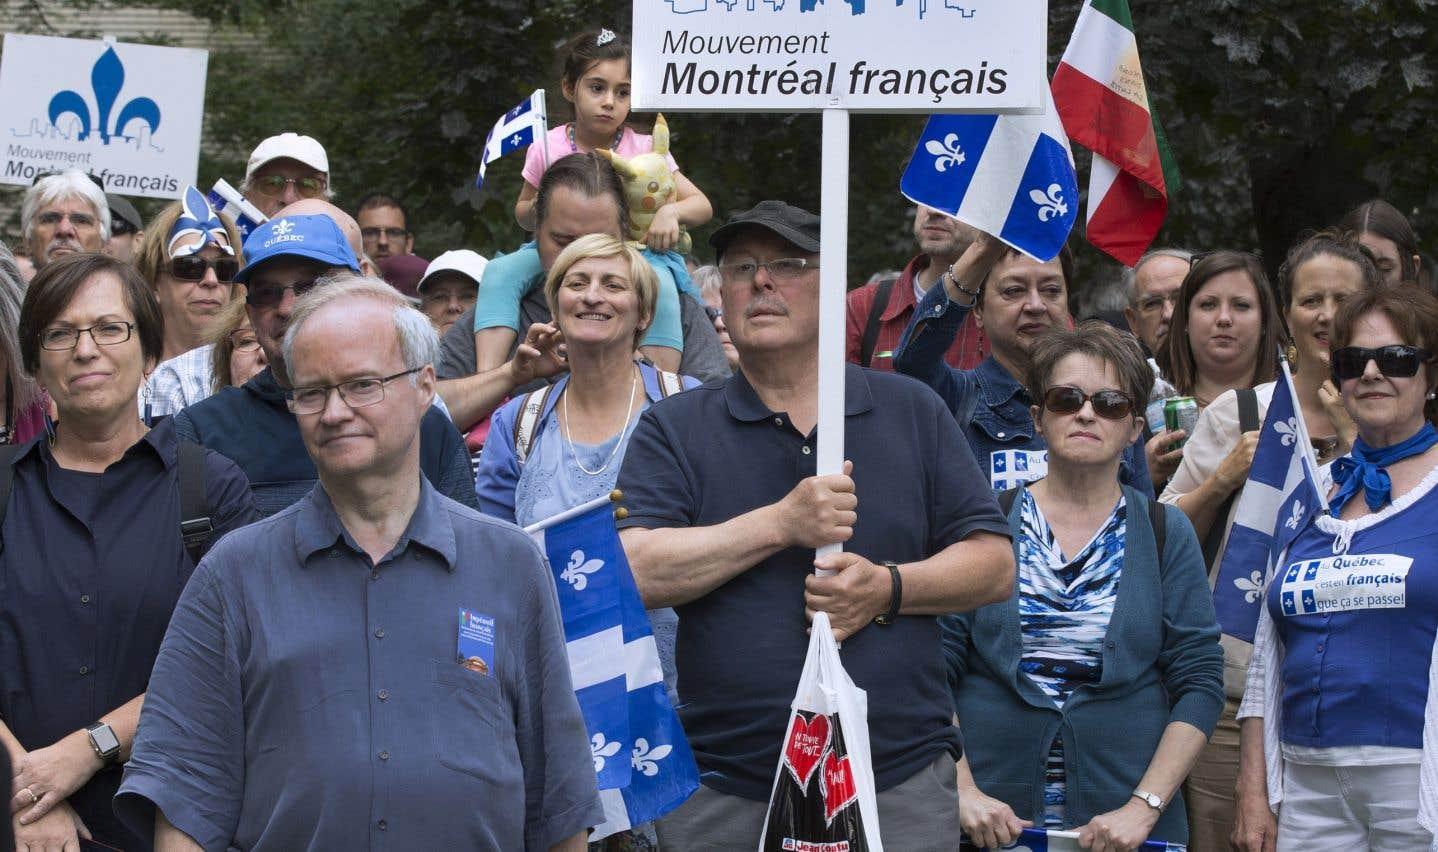 Les indicateurs statistiques d'une dislocation du Canada bilingue sont de plus en plus préoccupants, soulignent les auteurs. Les données du dernier recensement de Statistique Canada confirment un recul du français comme première langue officielle.